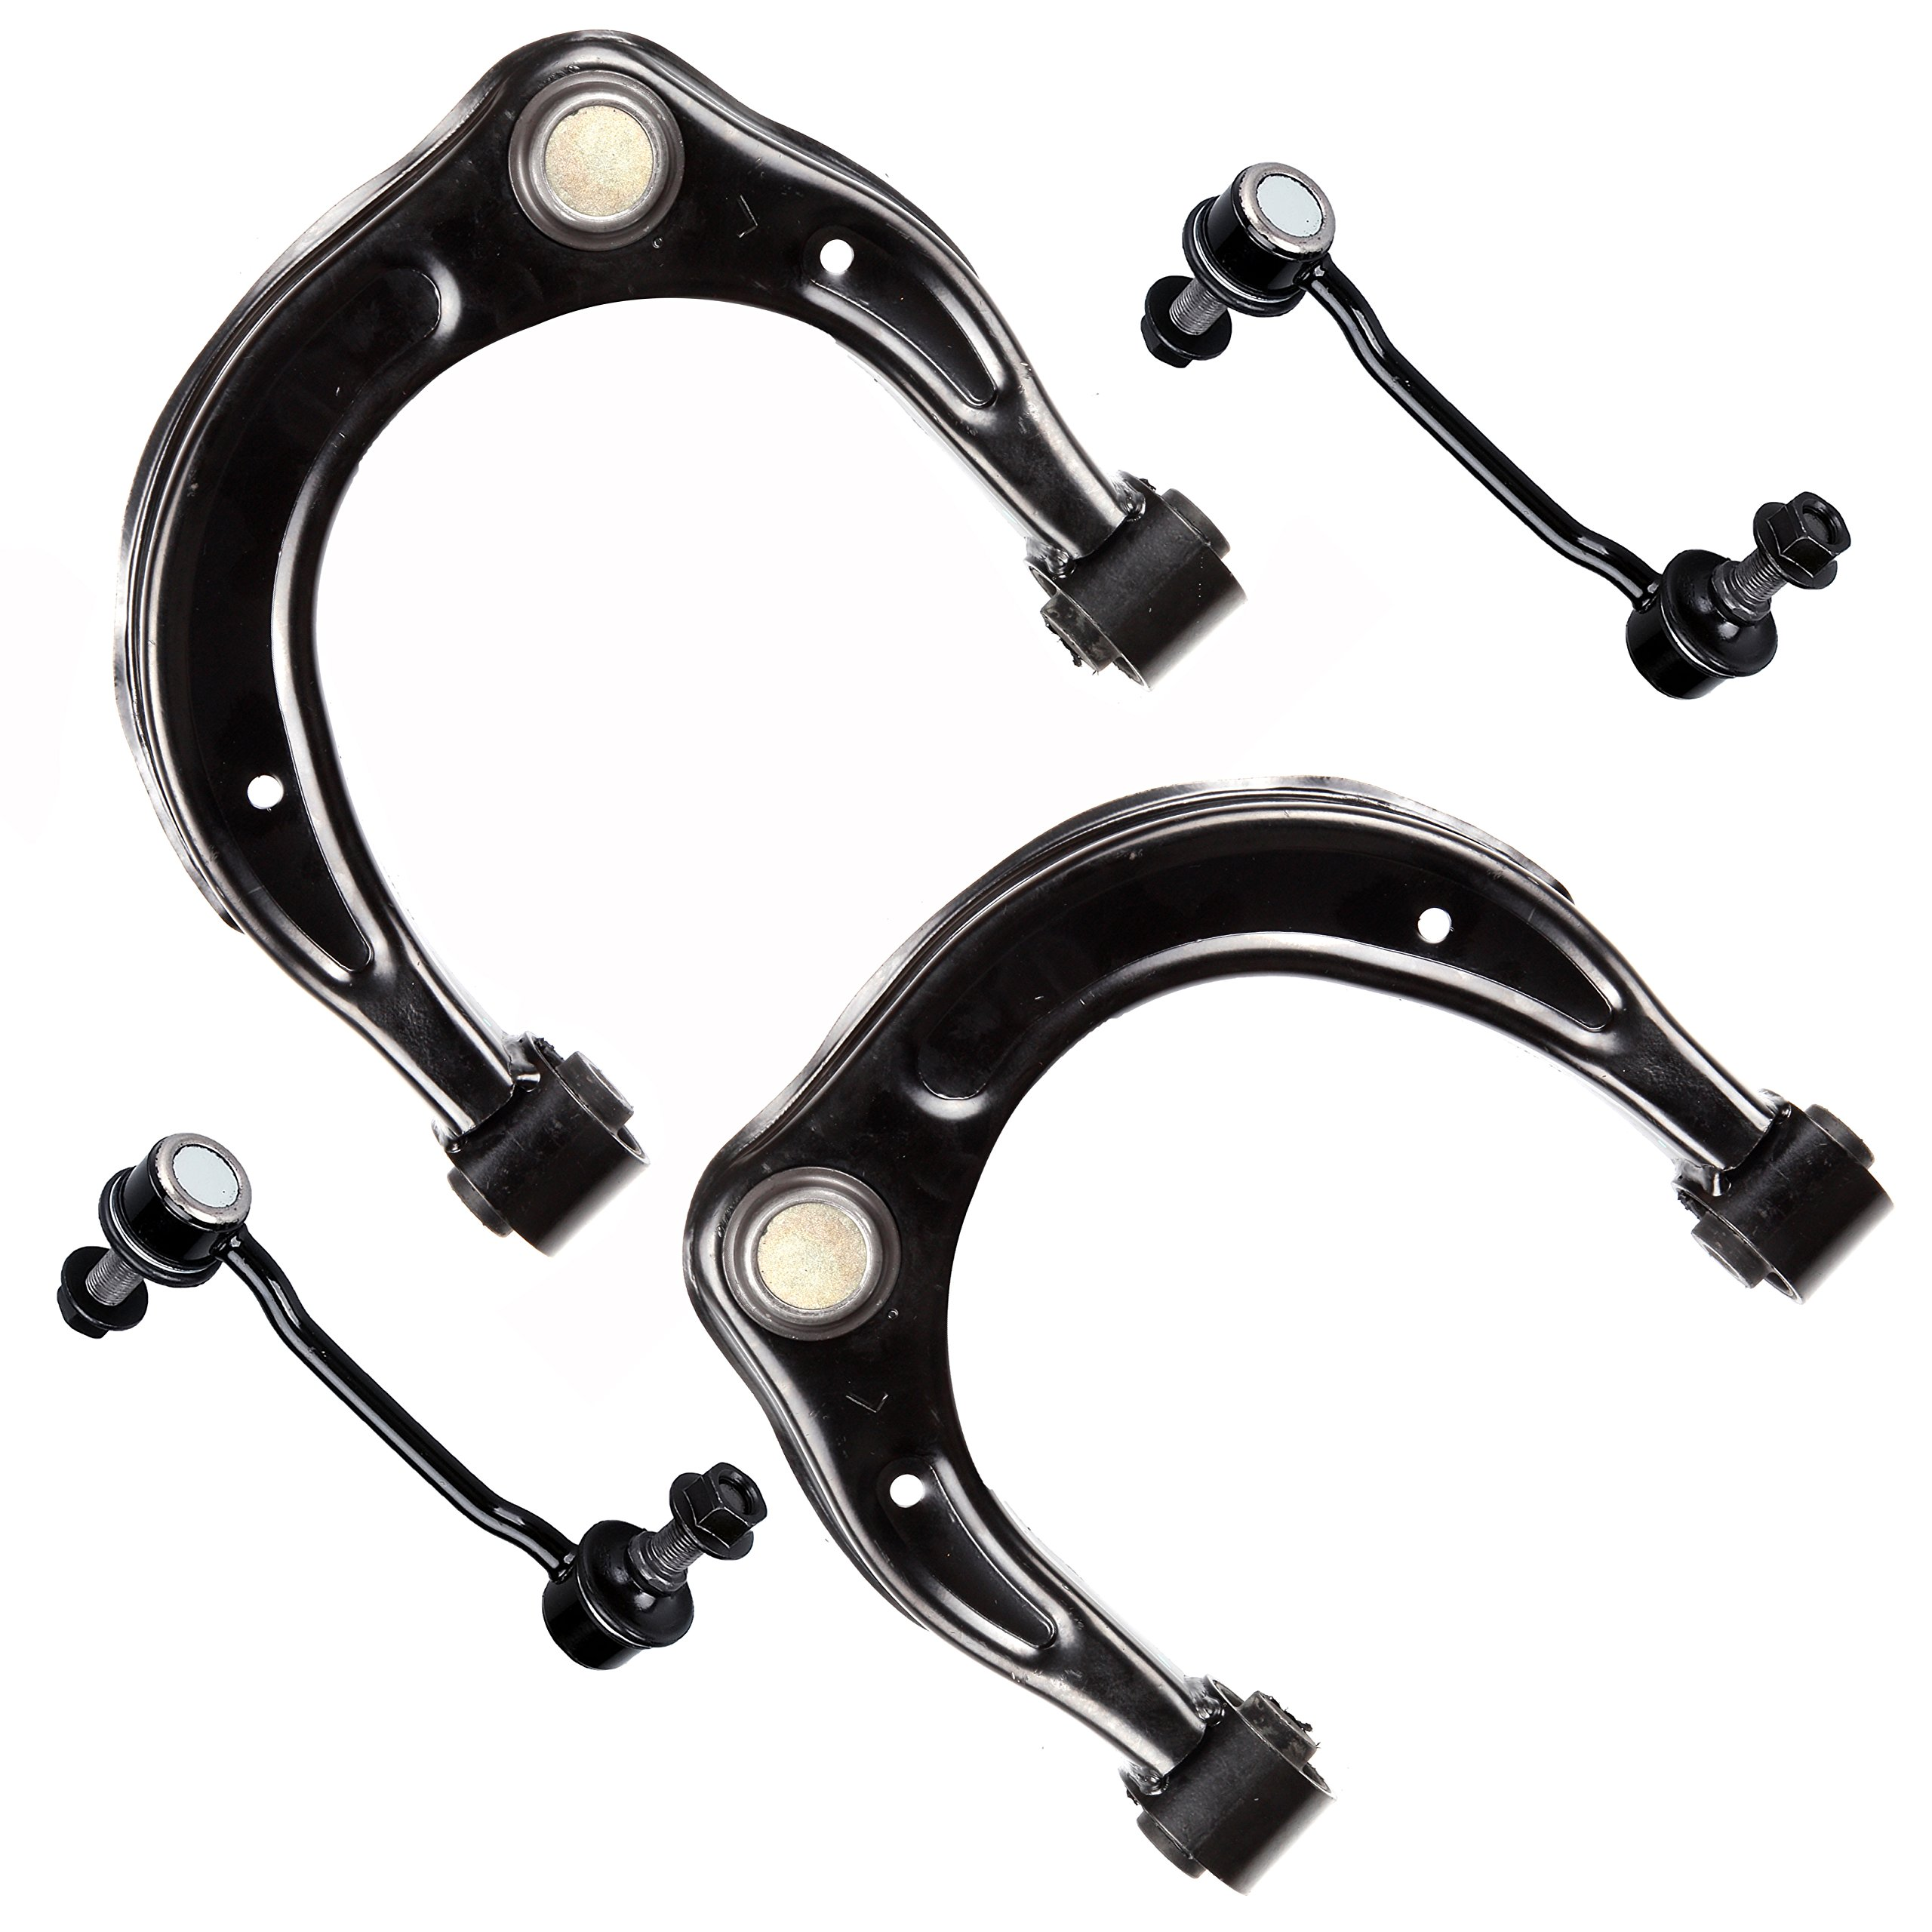 SCITOO 4pcs Suspension Kit 2 Front Upper Control Arms + Ball Joints 2 Sway Bar Links fit 2006-2011 HYUNDAI AZERA 2006-2010 HYUNDAI SONATA All Models 2007-2009 KIA AMANTI All Models K621230 K80949